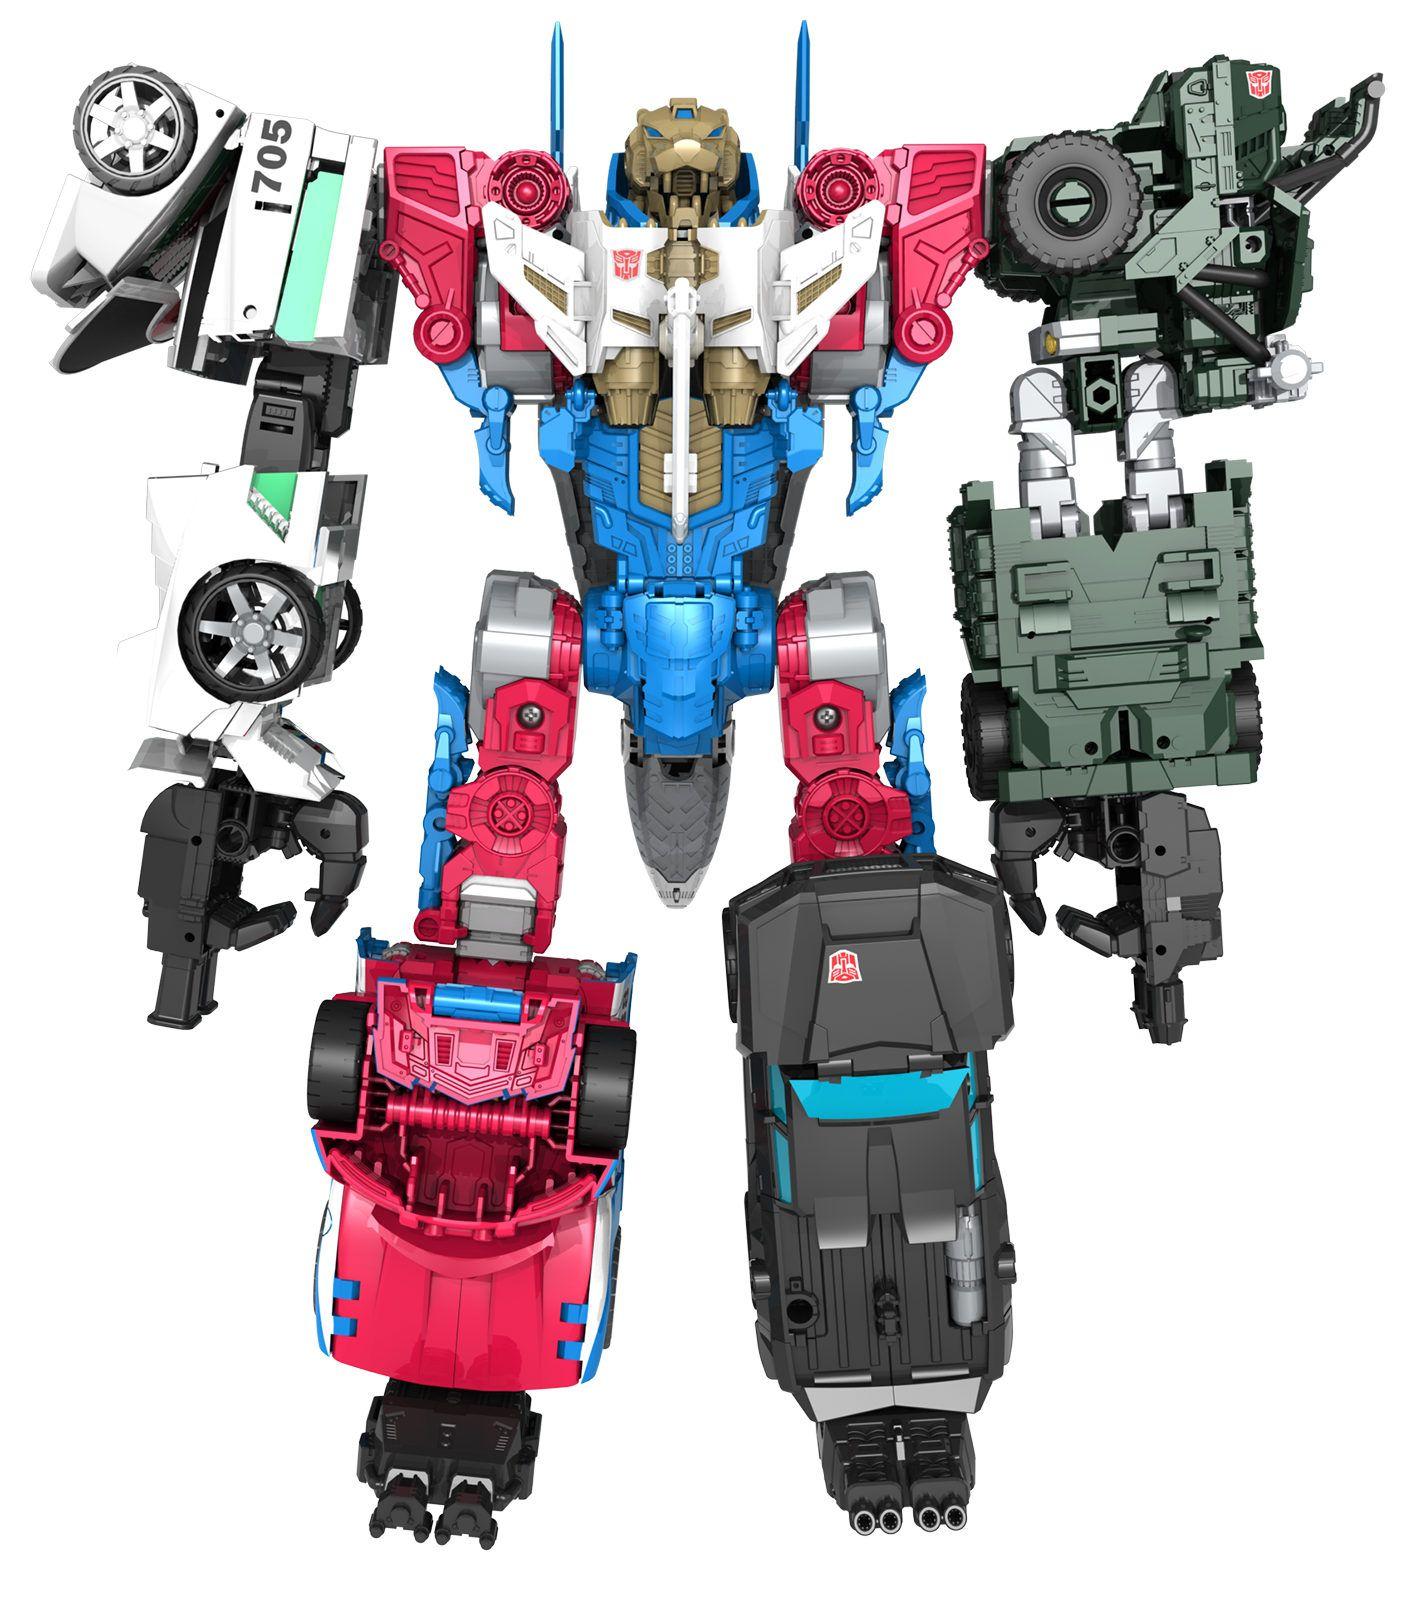 Transformers Combiner Wars TRAILBREAKER Combiner Part